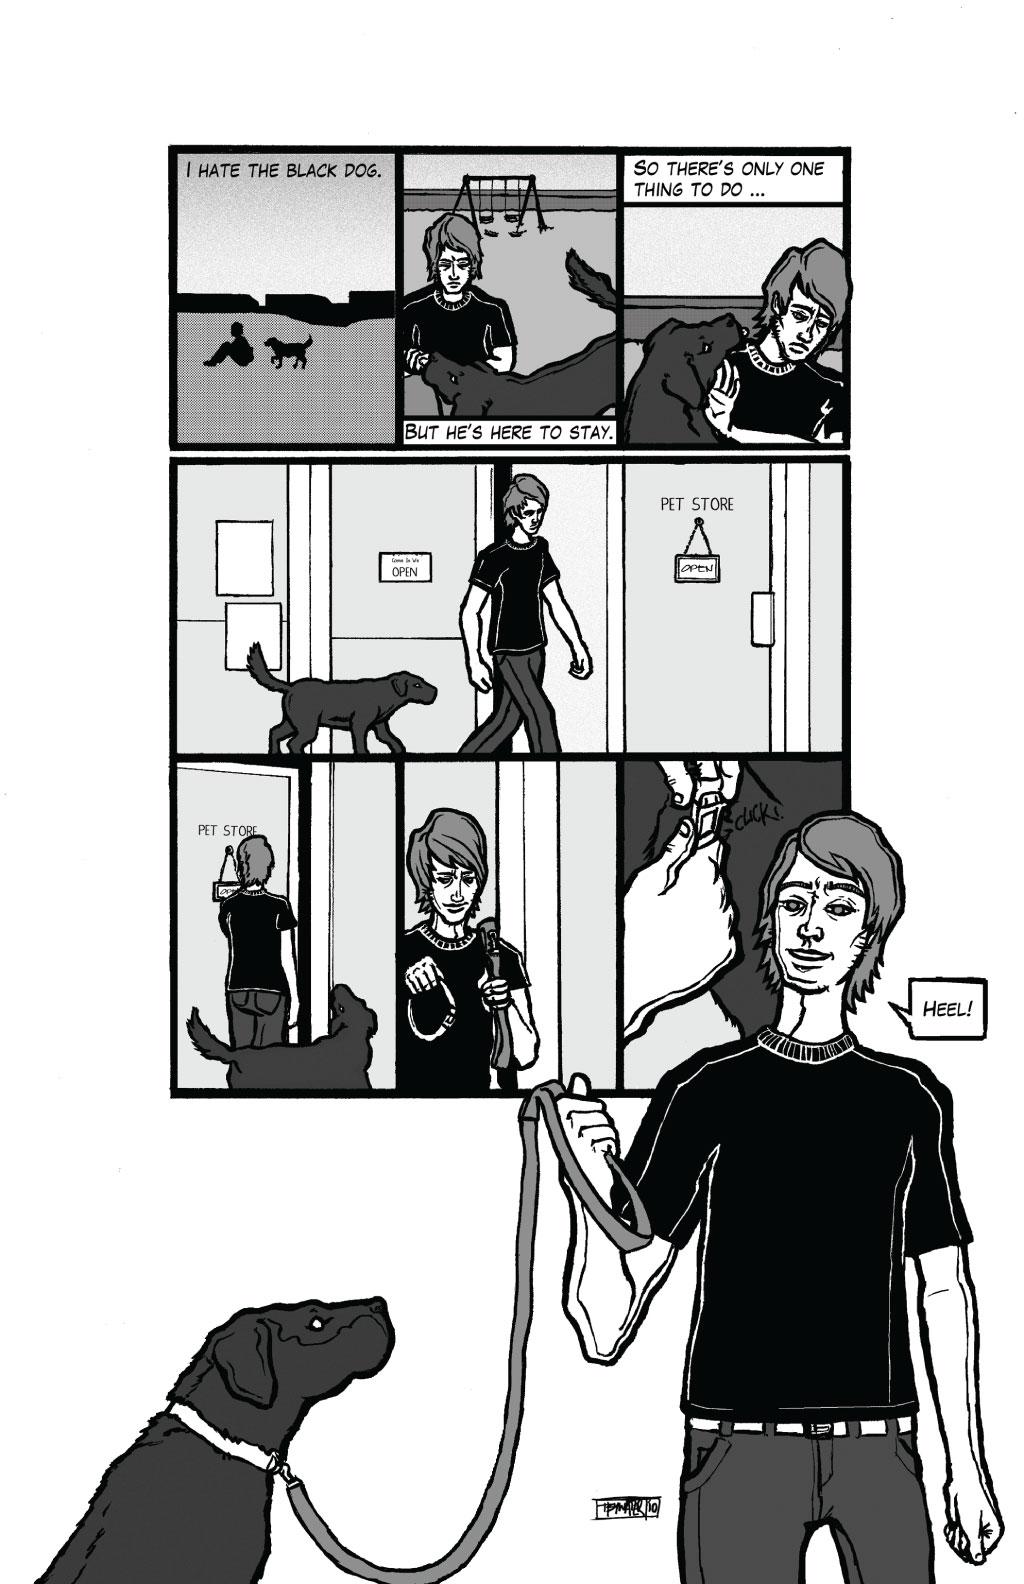 The-black-dog-must-die-5